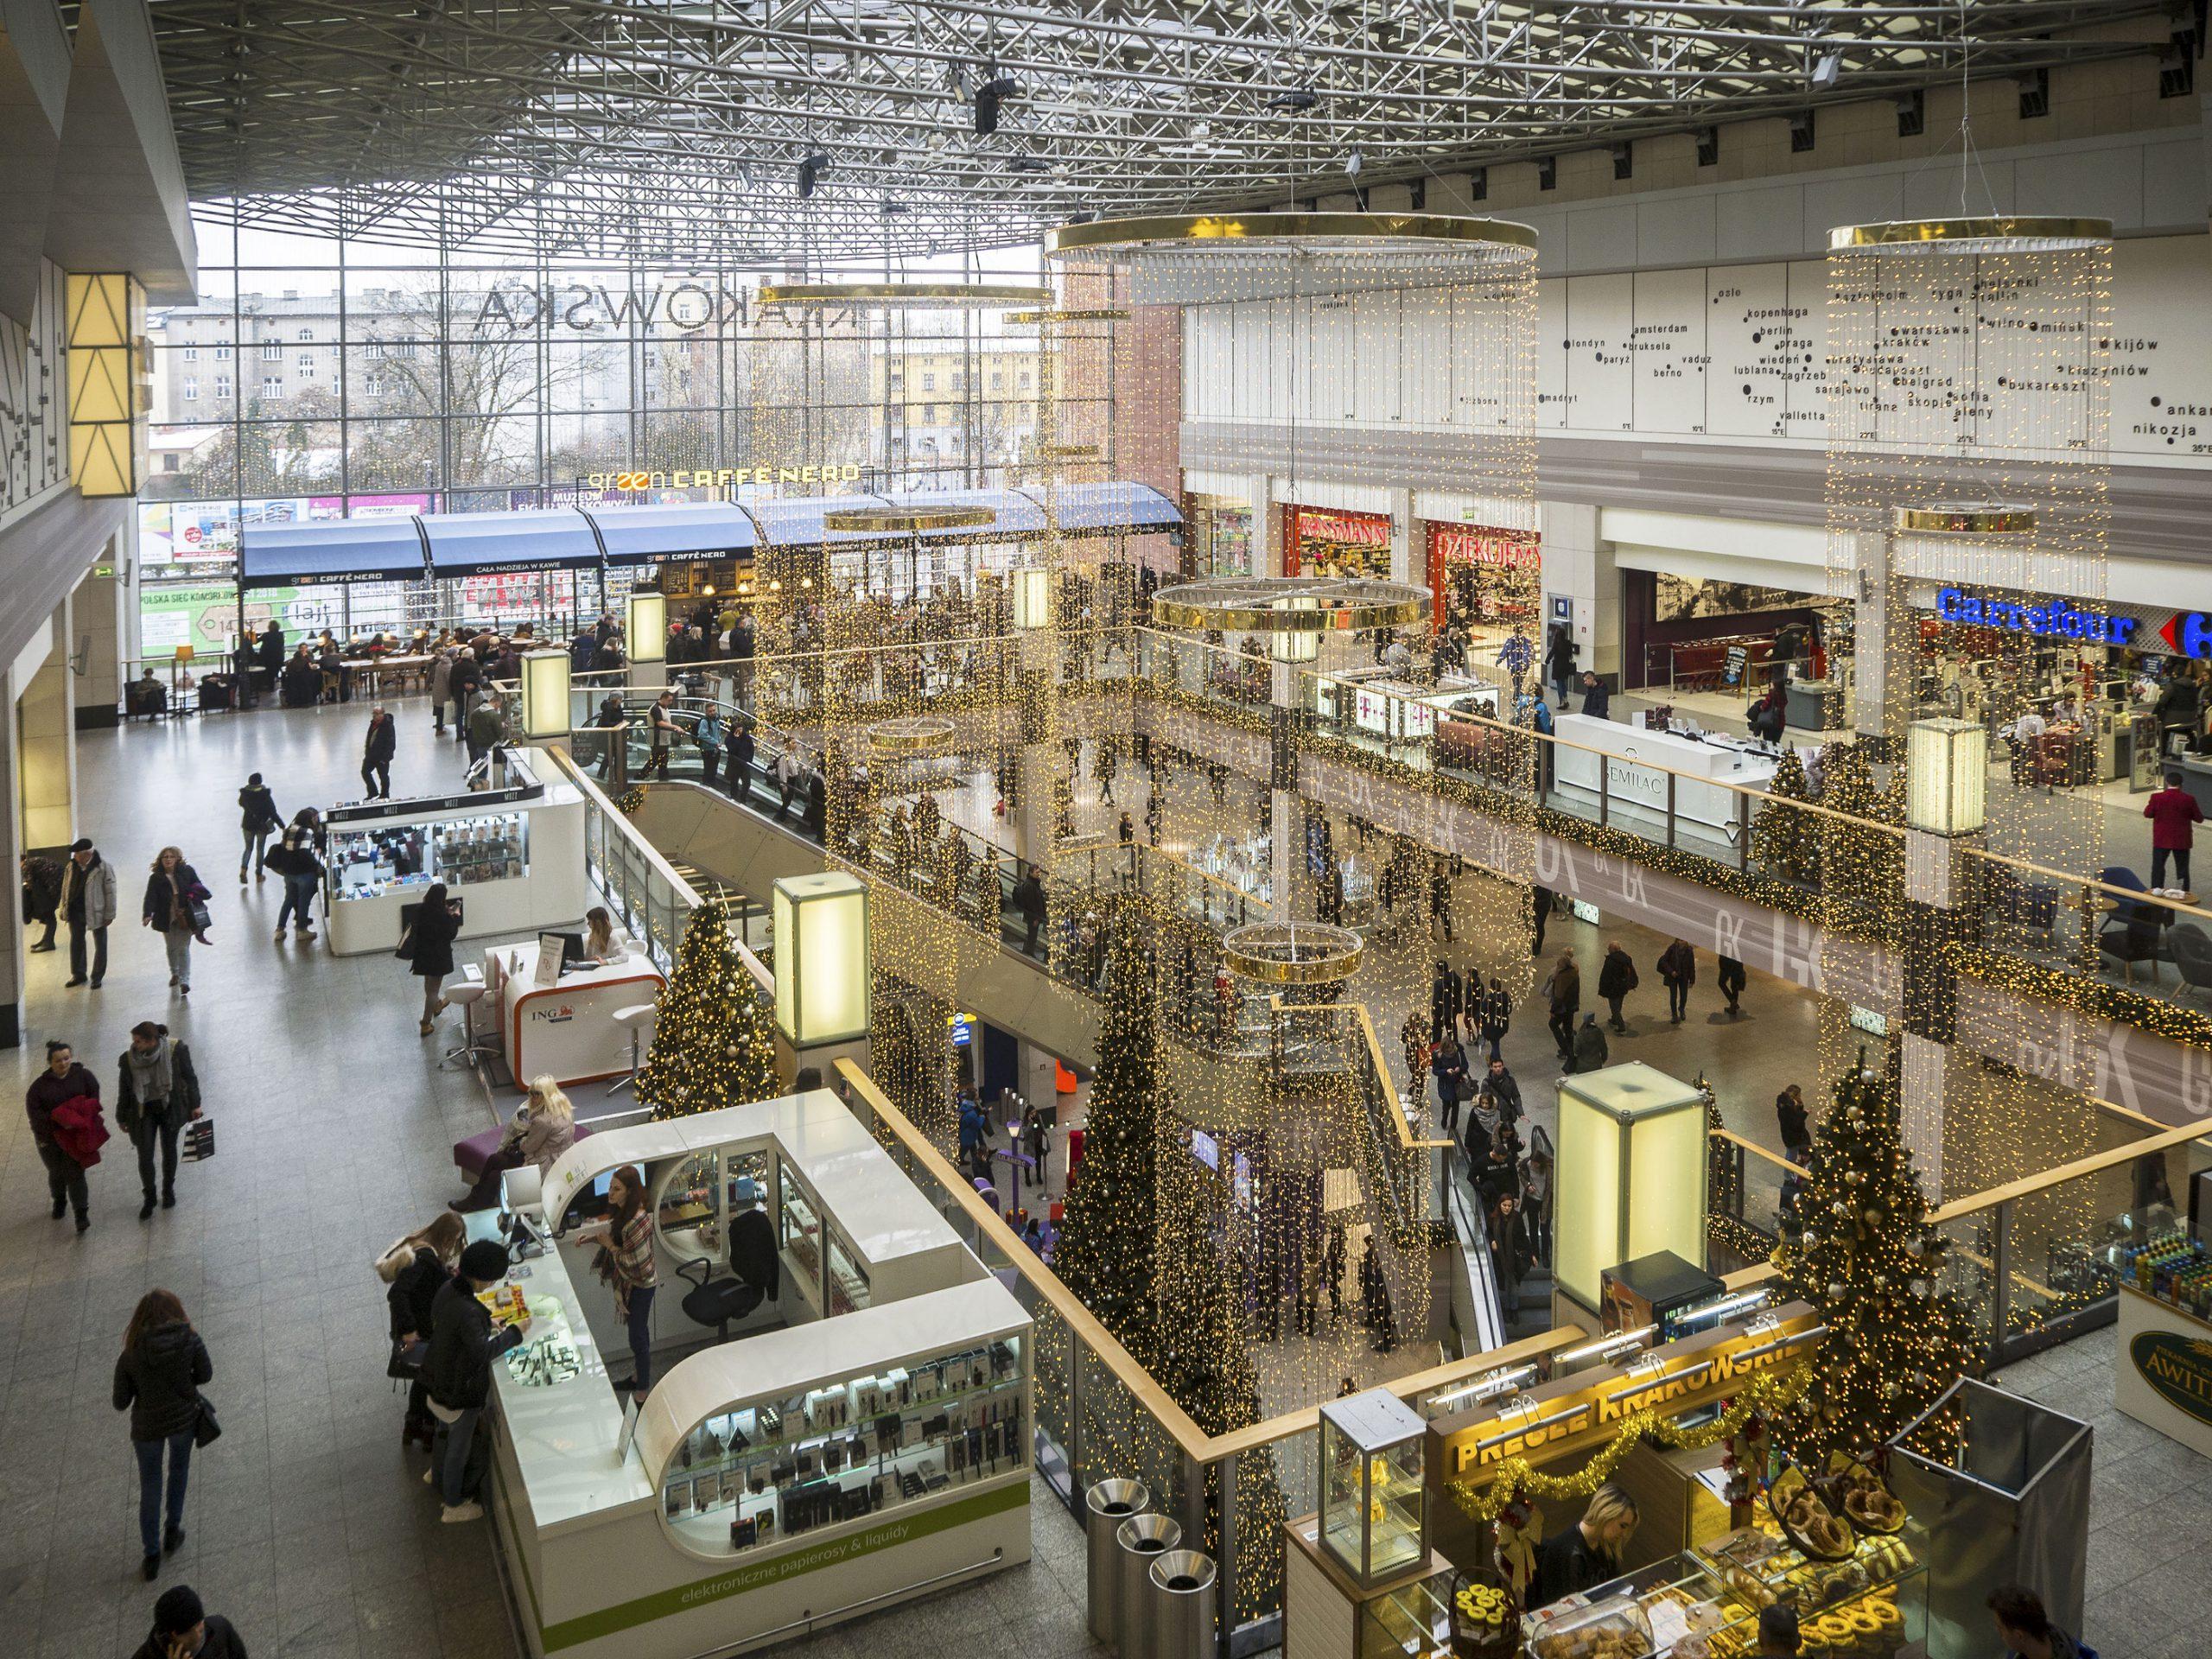 Galeria Krakowska kjøpesenter jentetur shopping